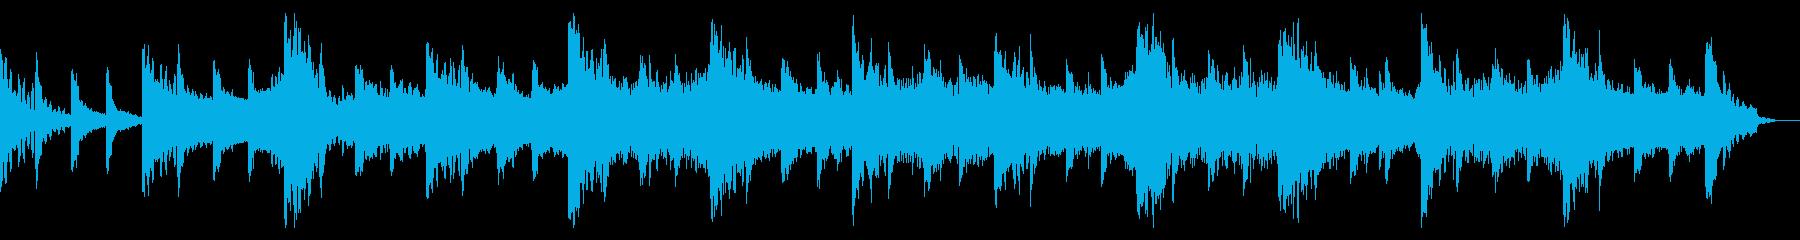 神秘的なIDMテクスチャの再生済みの波形